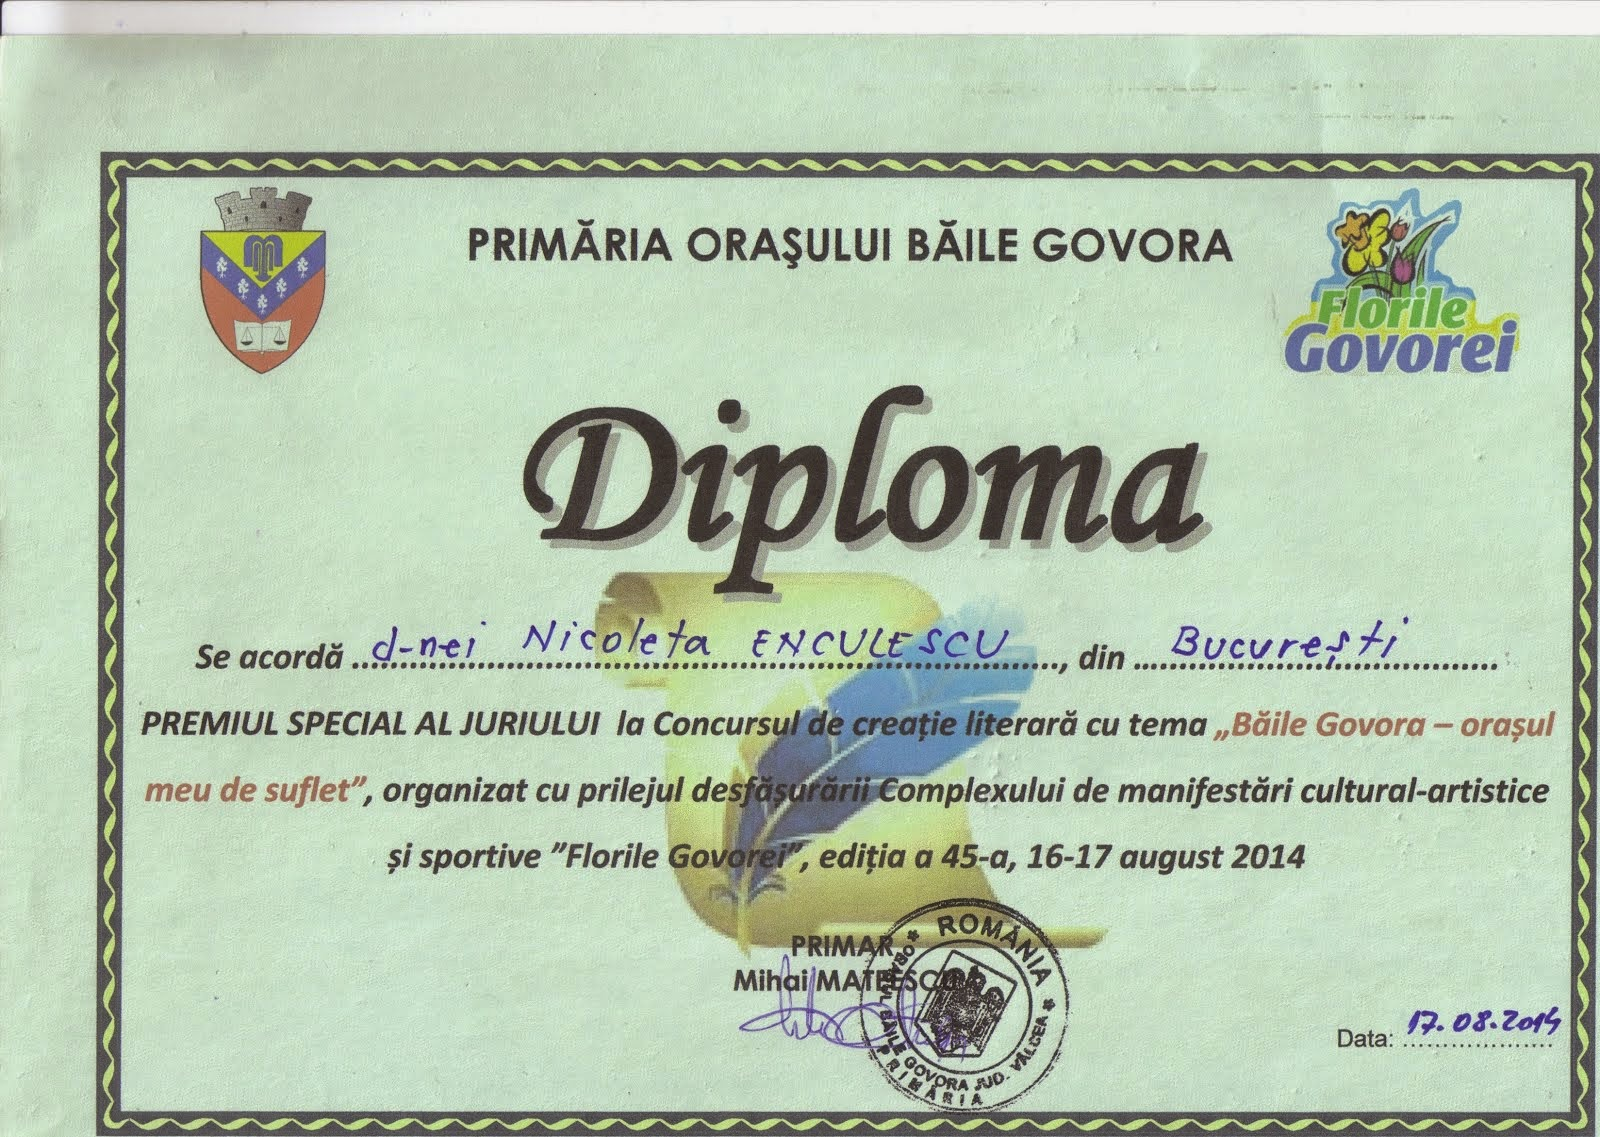 Premiu Special, august 2014